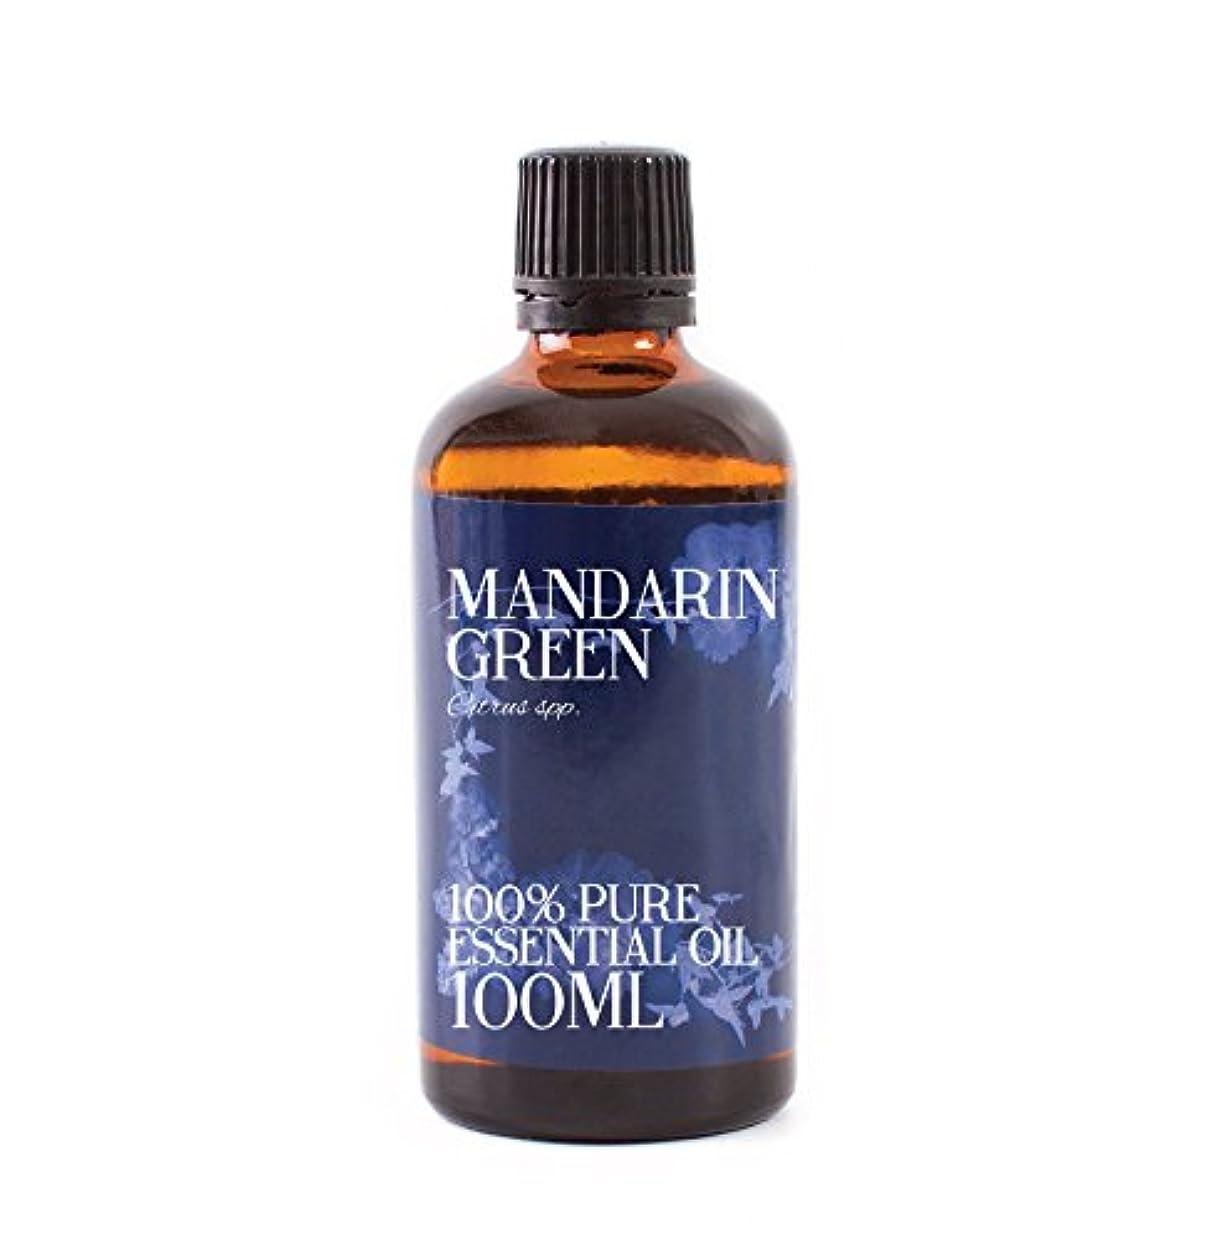 熱狂的な称賛ストレージMystic Moments | Mandarin Green Essential Oil - 100ml - 100% Pure